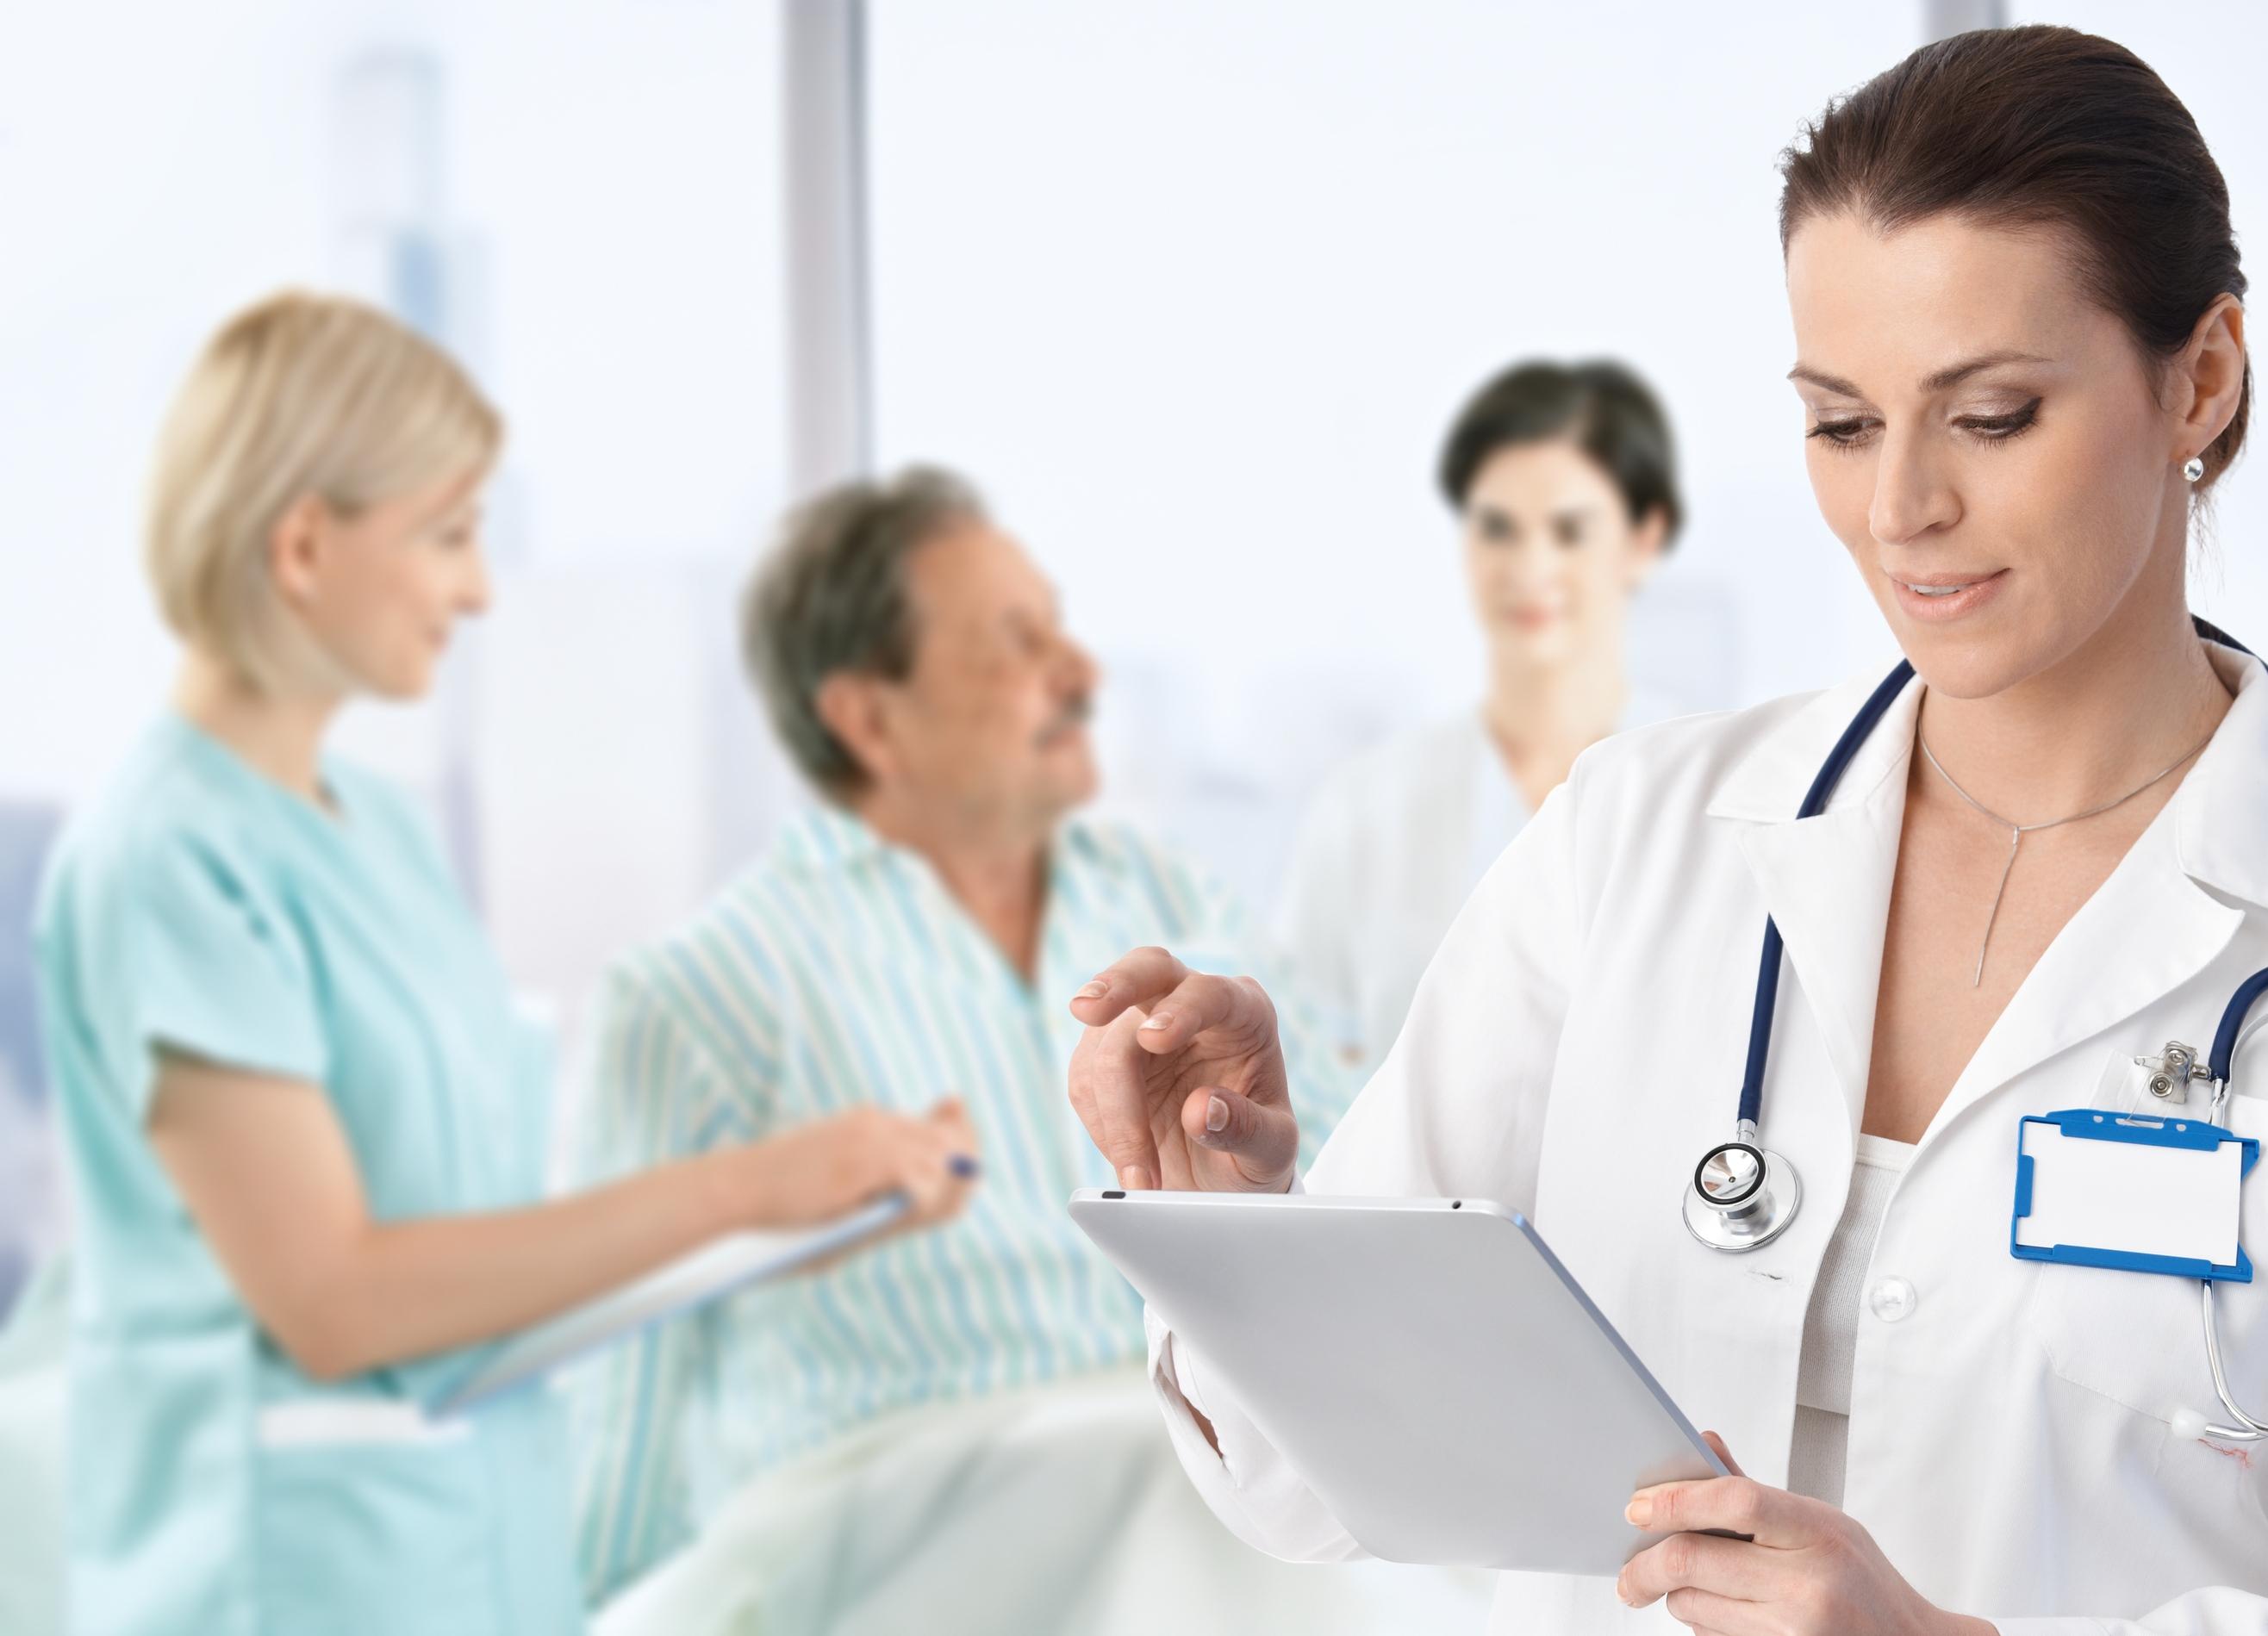 Statistică îngrijorătoare: 60% din diagnosticele puse în România sunt greşite